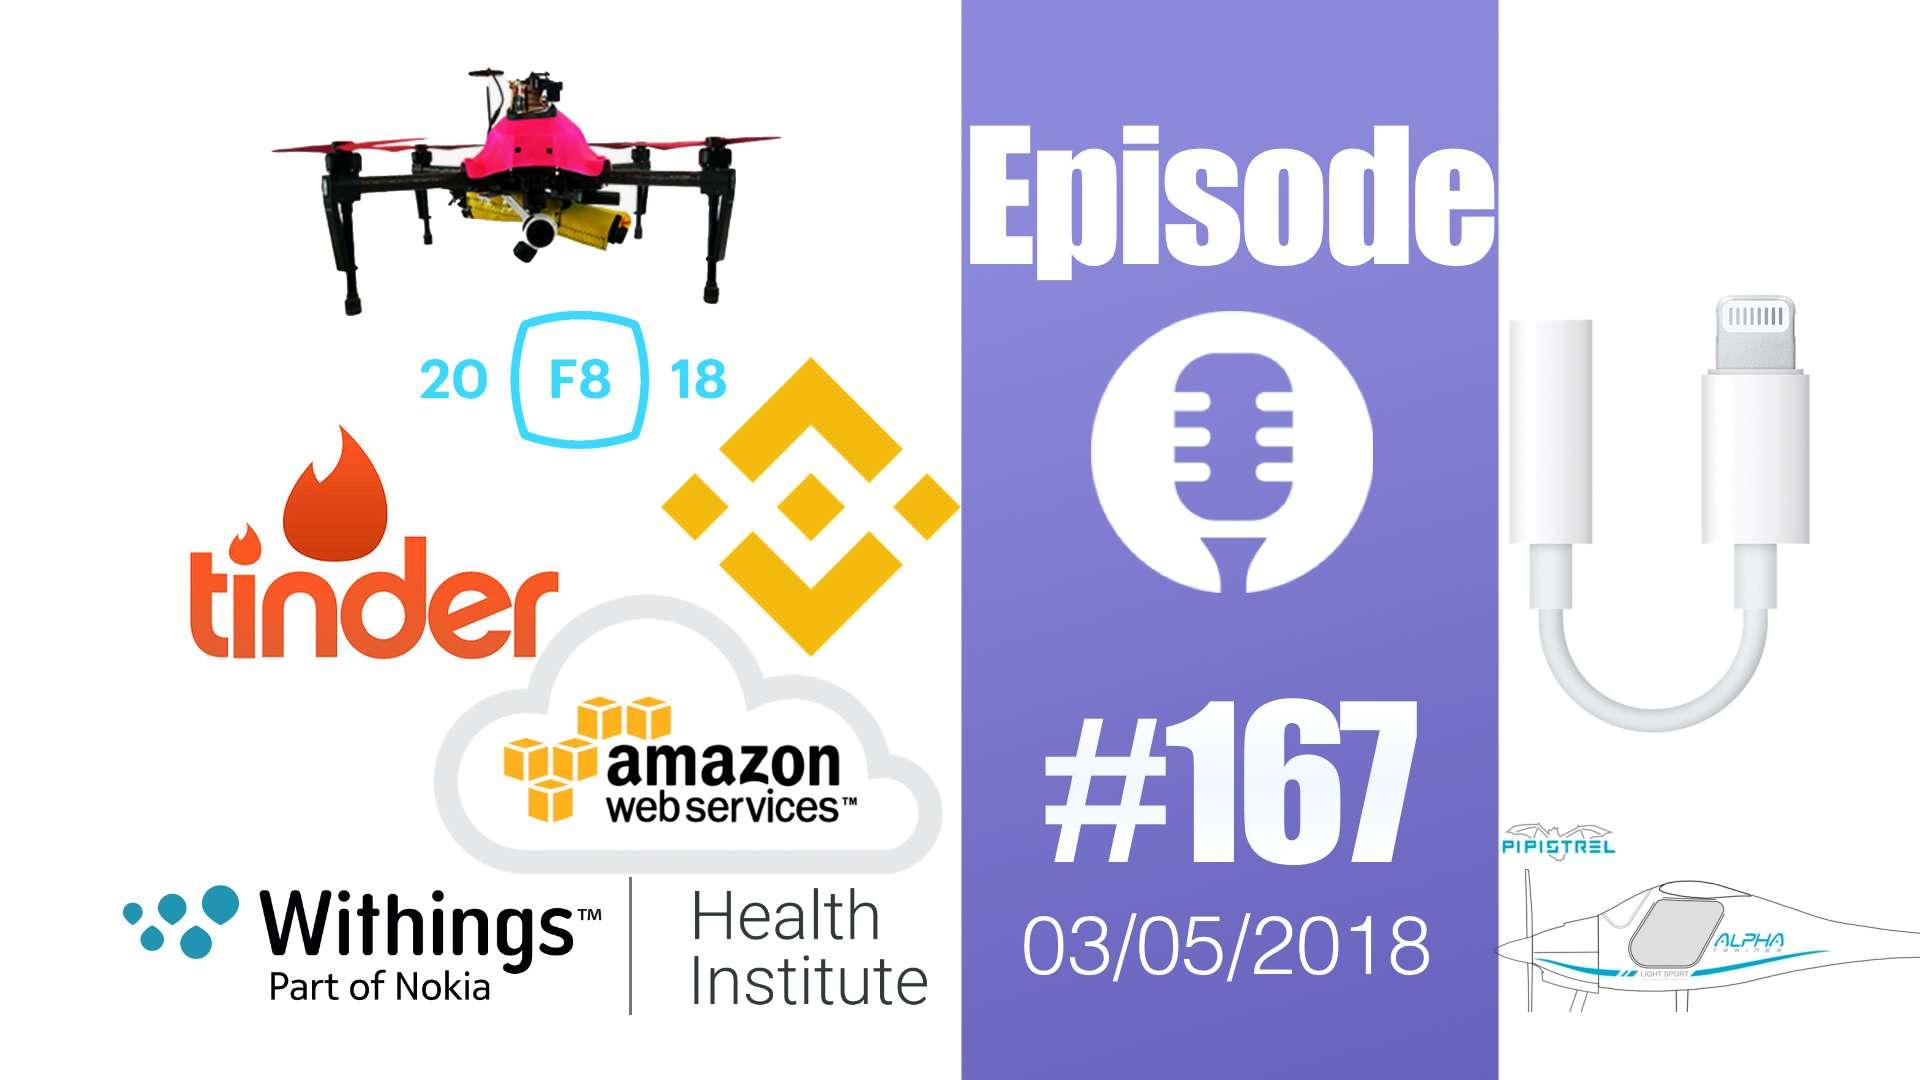 #167: Amazon Vesta, DJI, F8 Facebook, Tinder, Nokia & Withings, Streaming,…